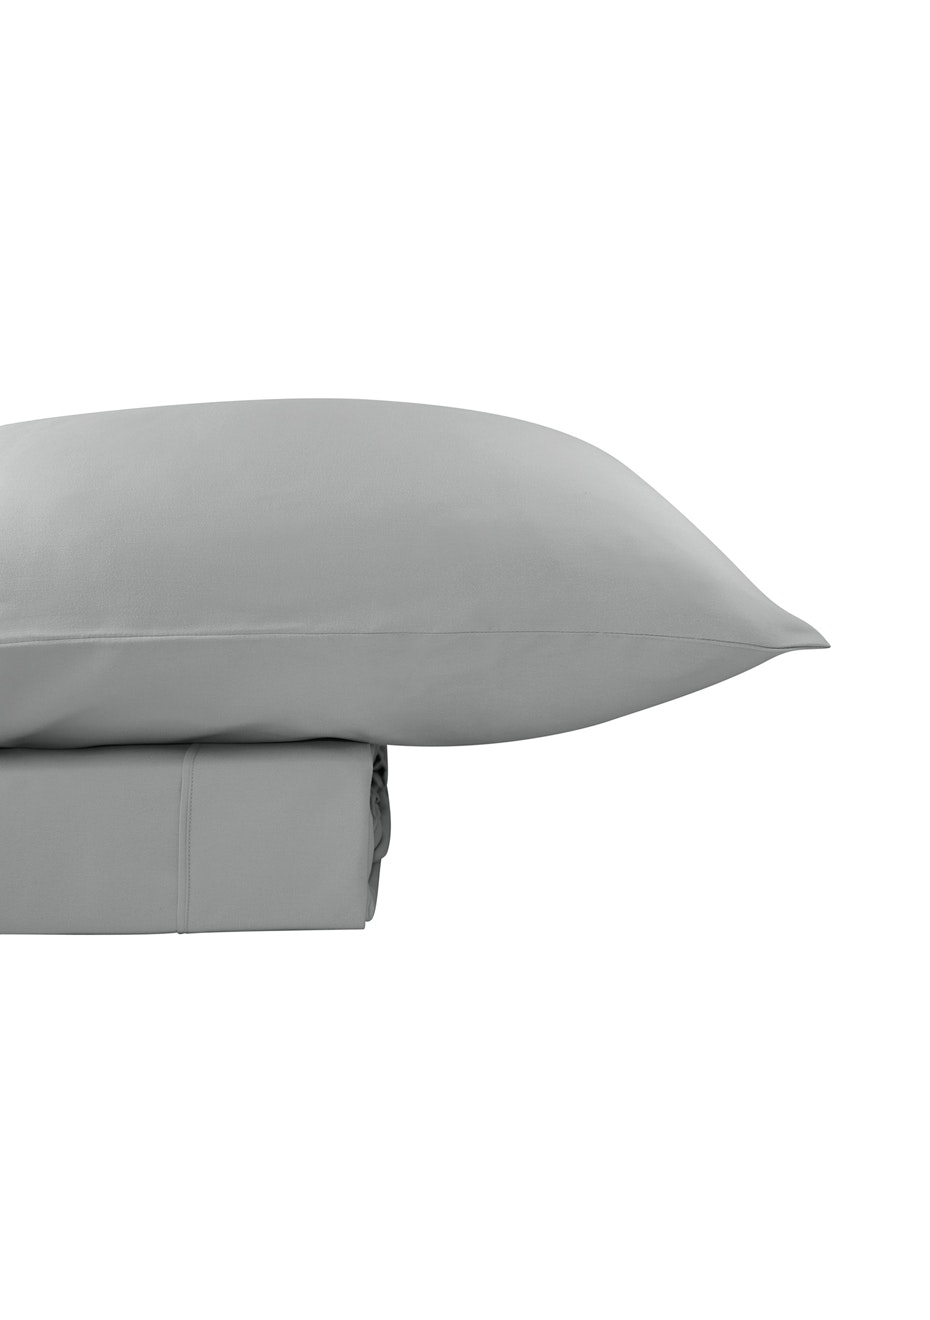 Thermal Flannel Sheet Sets - Glacier - King Single Bed